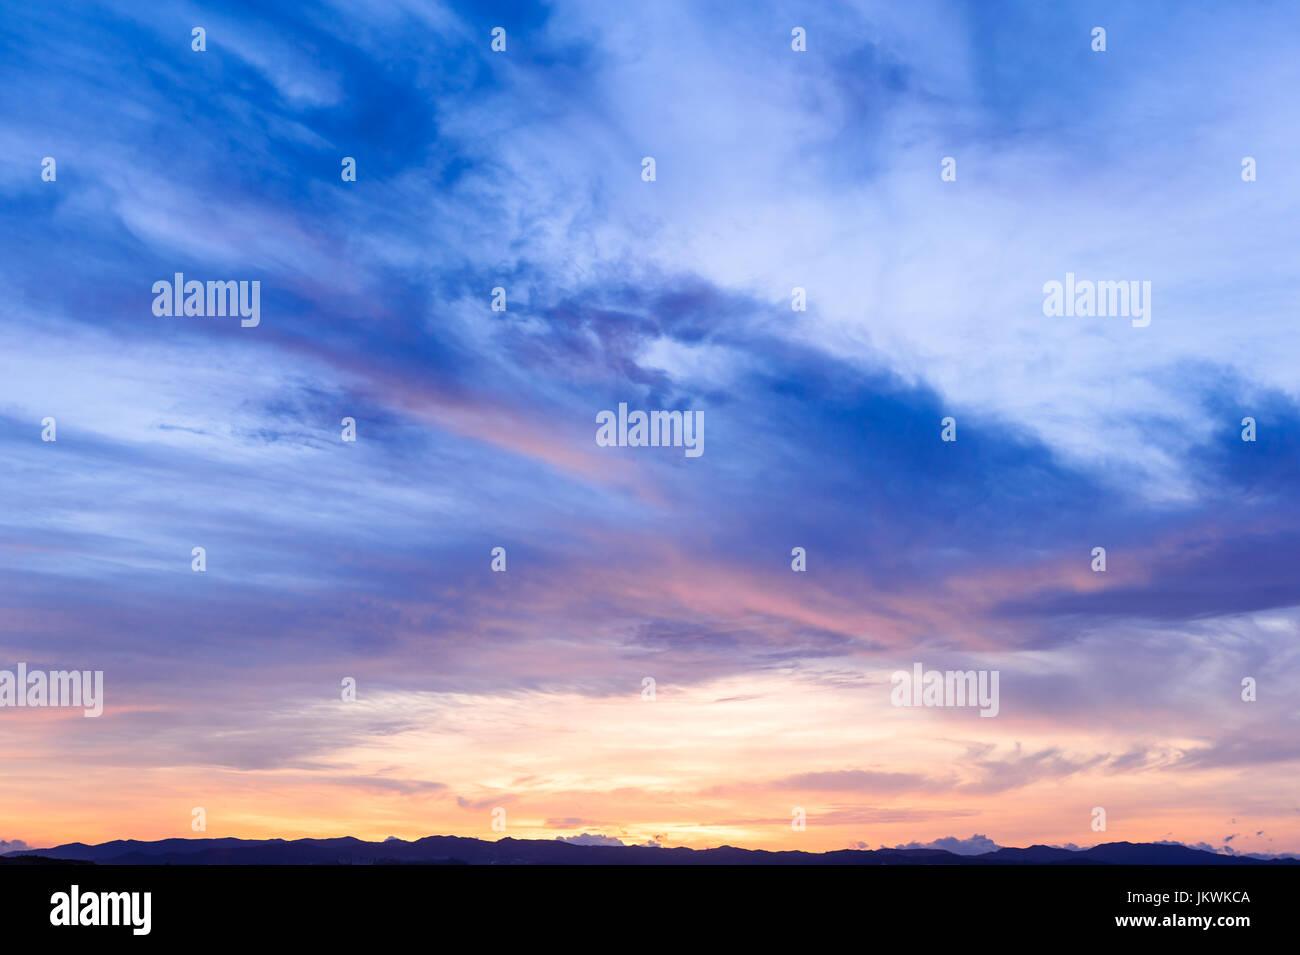 Zukunft, Zeit vergeht, neuer Tag, Himmel, hell blau, Orange und gelbe Farben Sonnenuntergang Sonnenaufgang Stockfoto